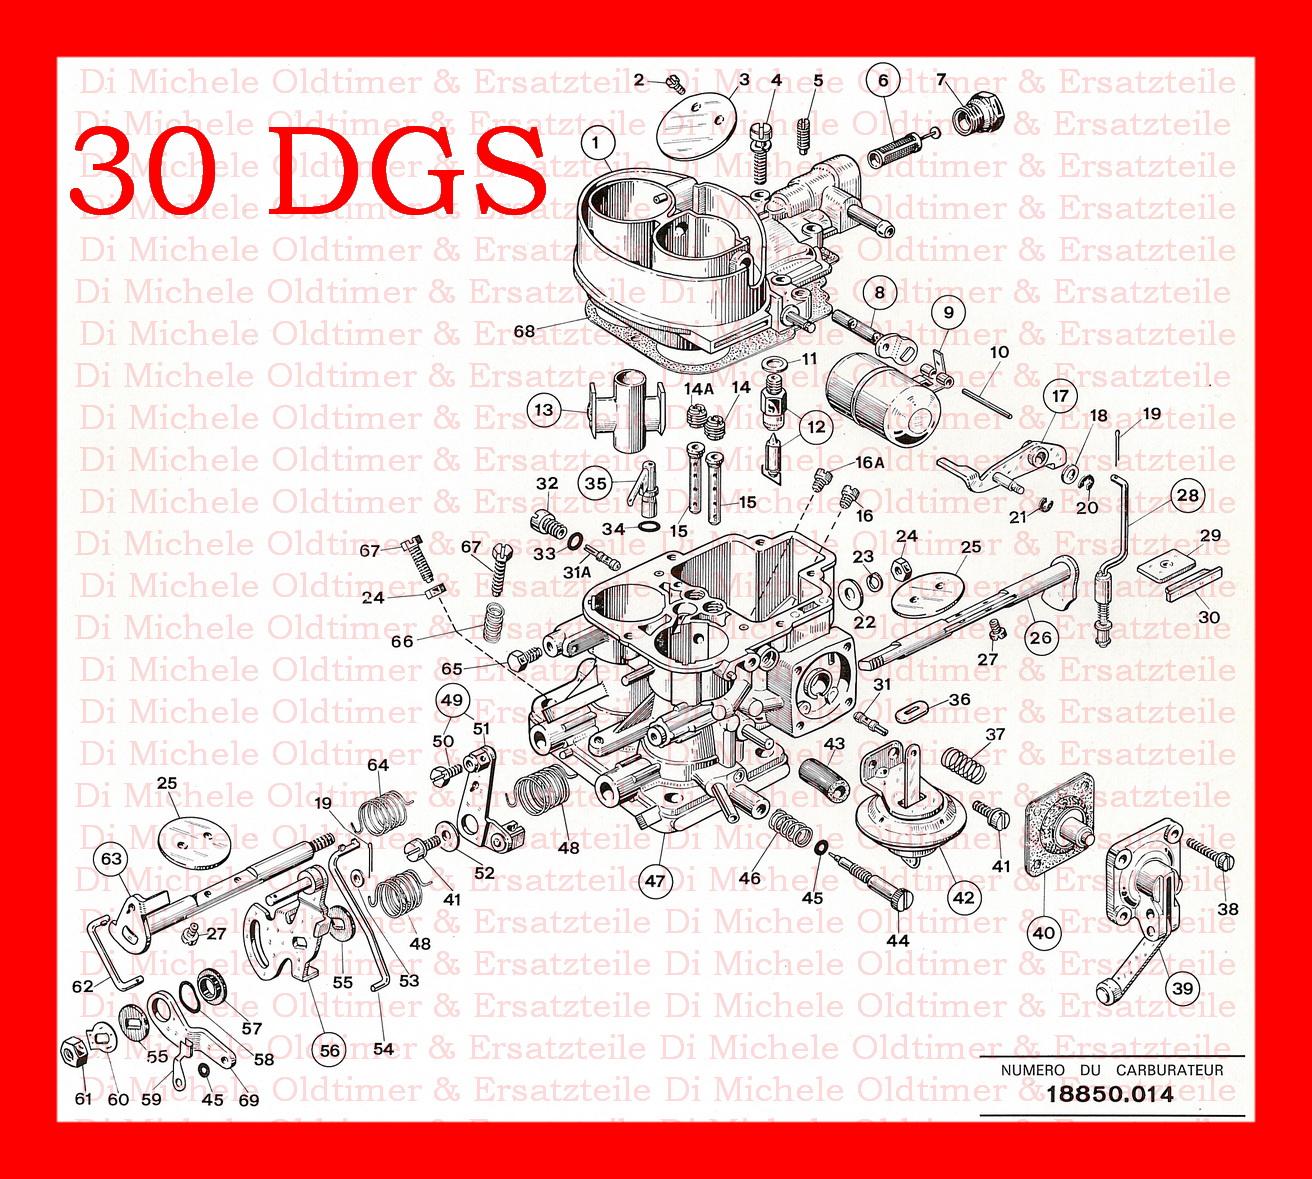 30 DGF...Weber Vergaser Beschleuniger Membrane